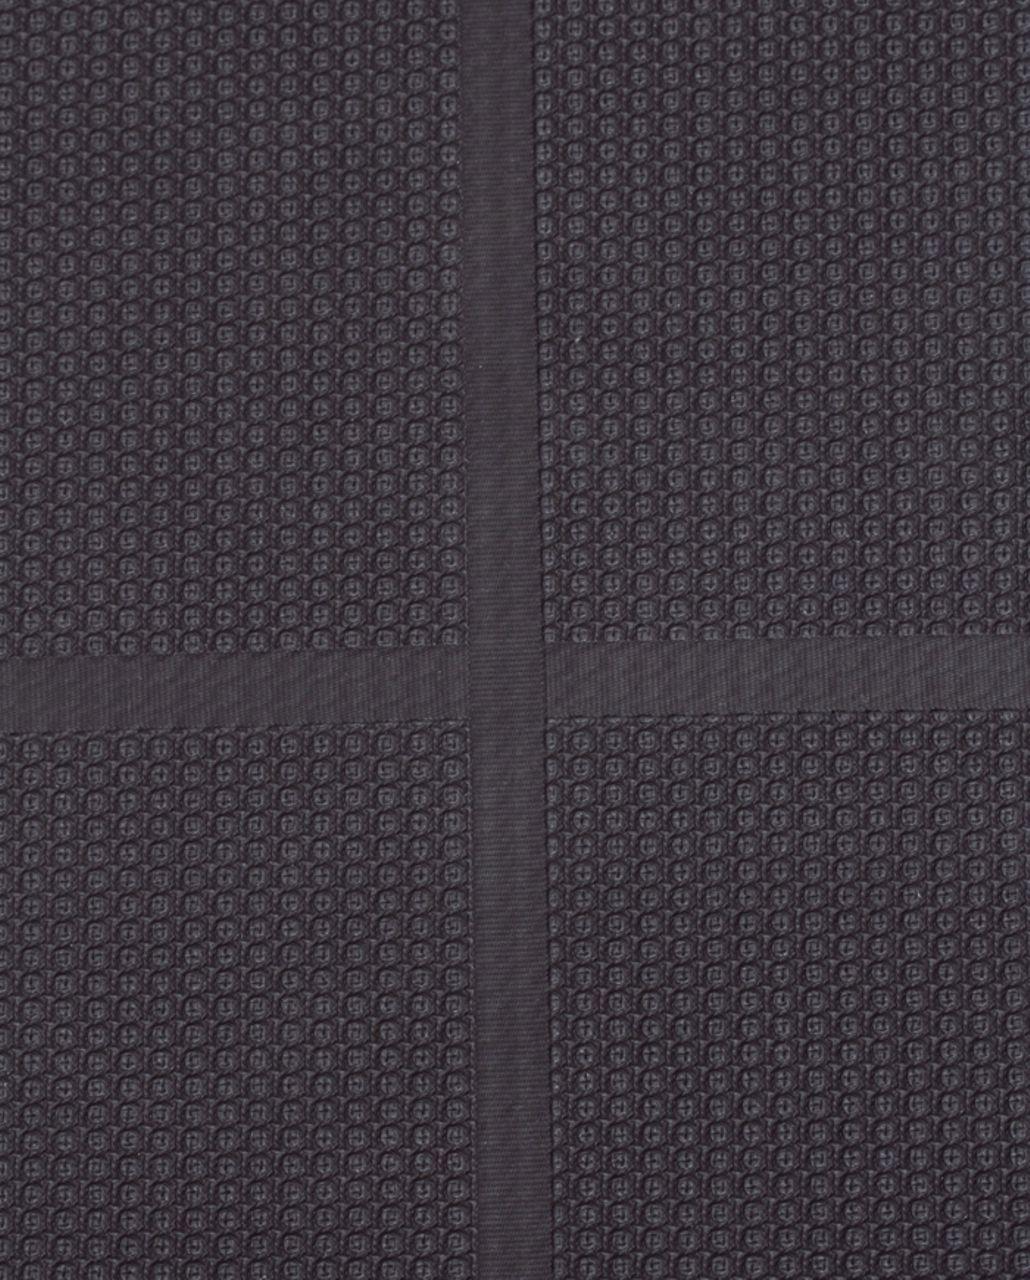 Lululemon Align Ultra Mat - Coal